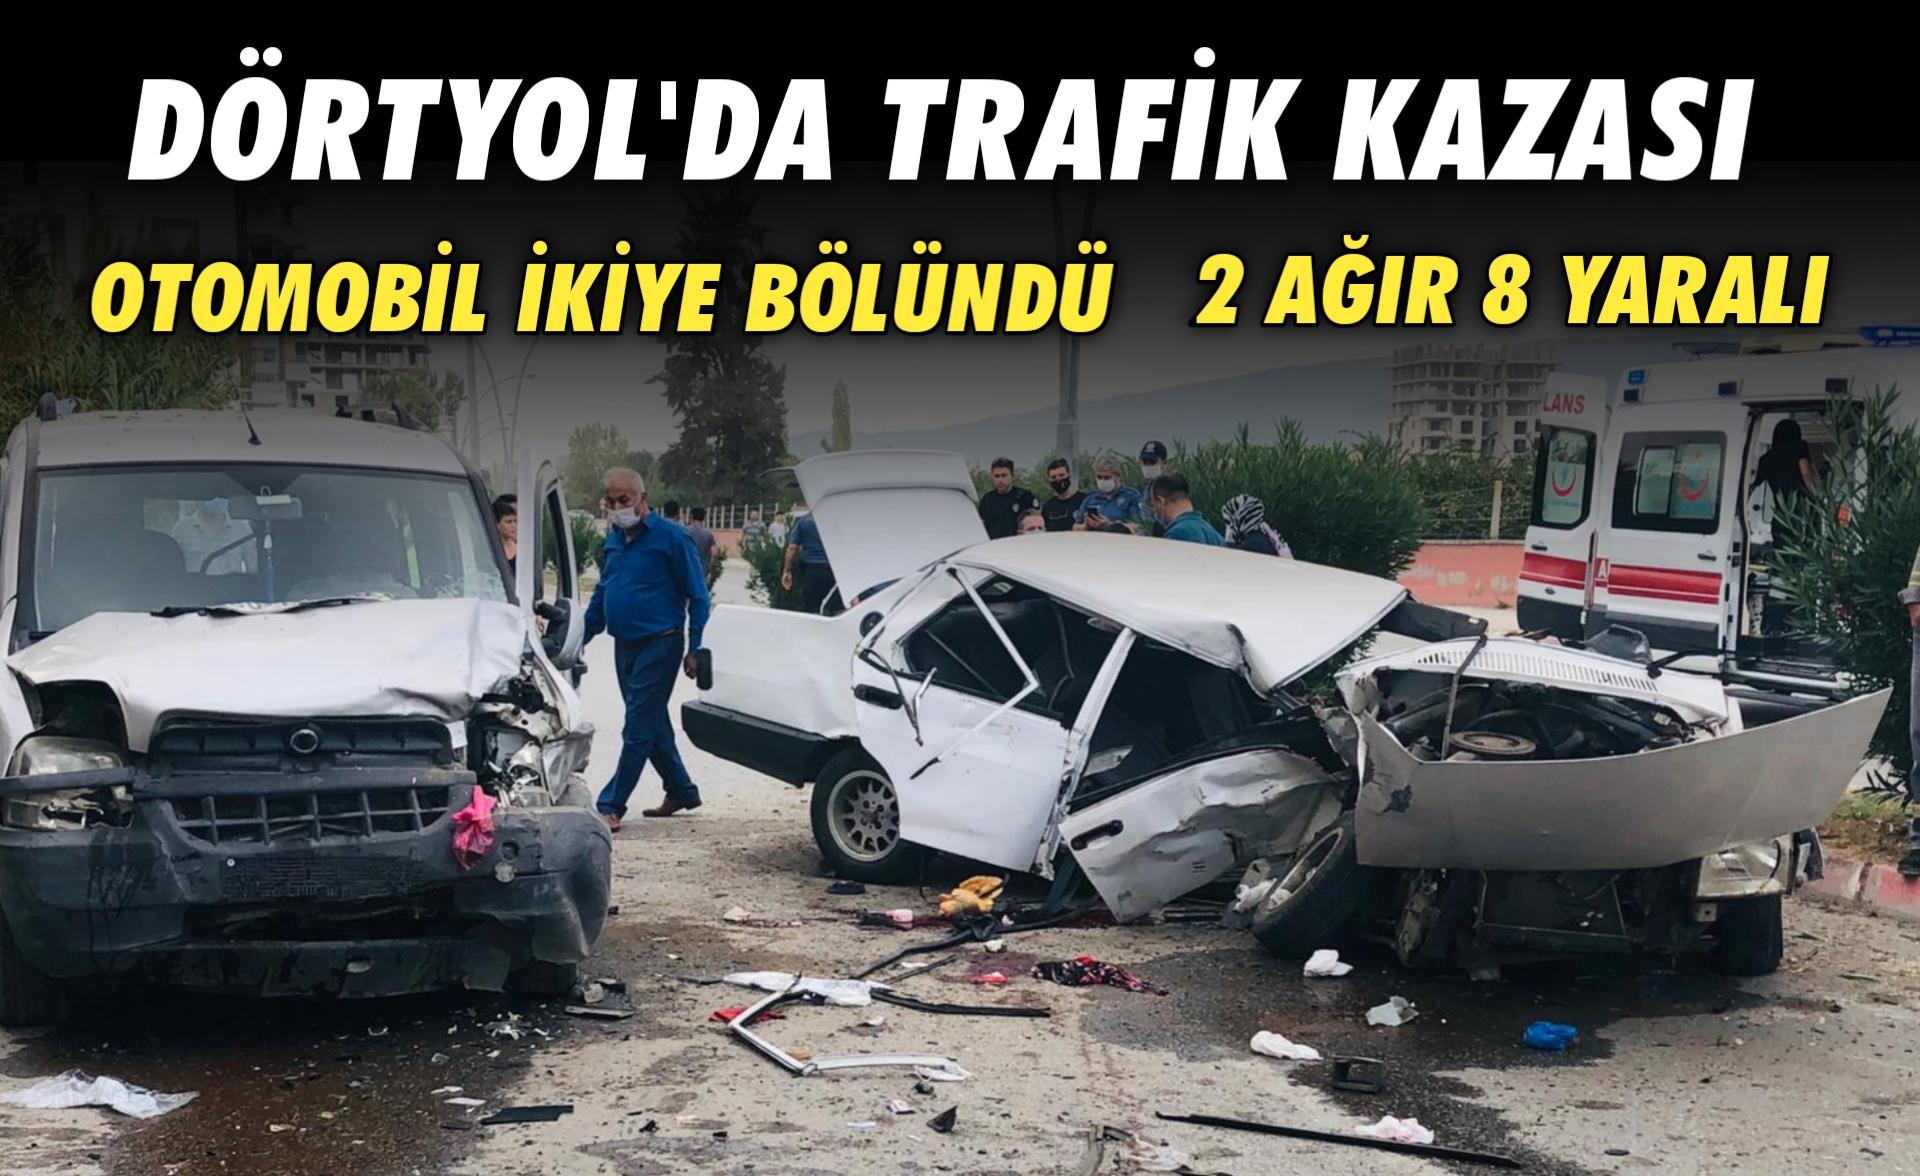 Dörtyol'da trafik kazası otomobil ikiye bölündü: 2'si ağır 8 yaralı